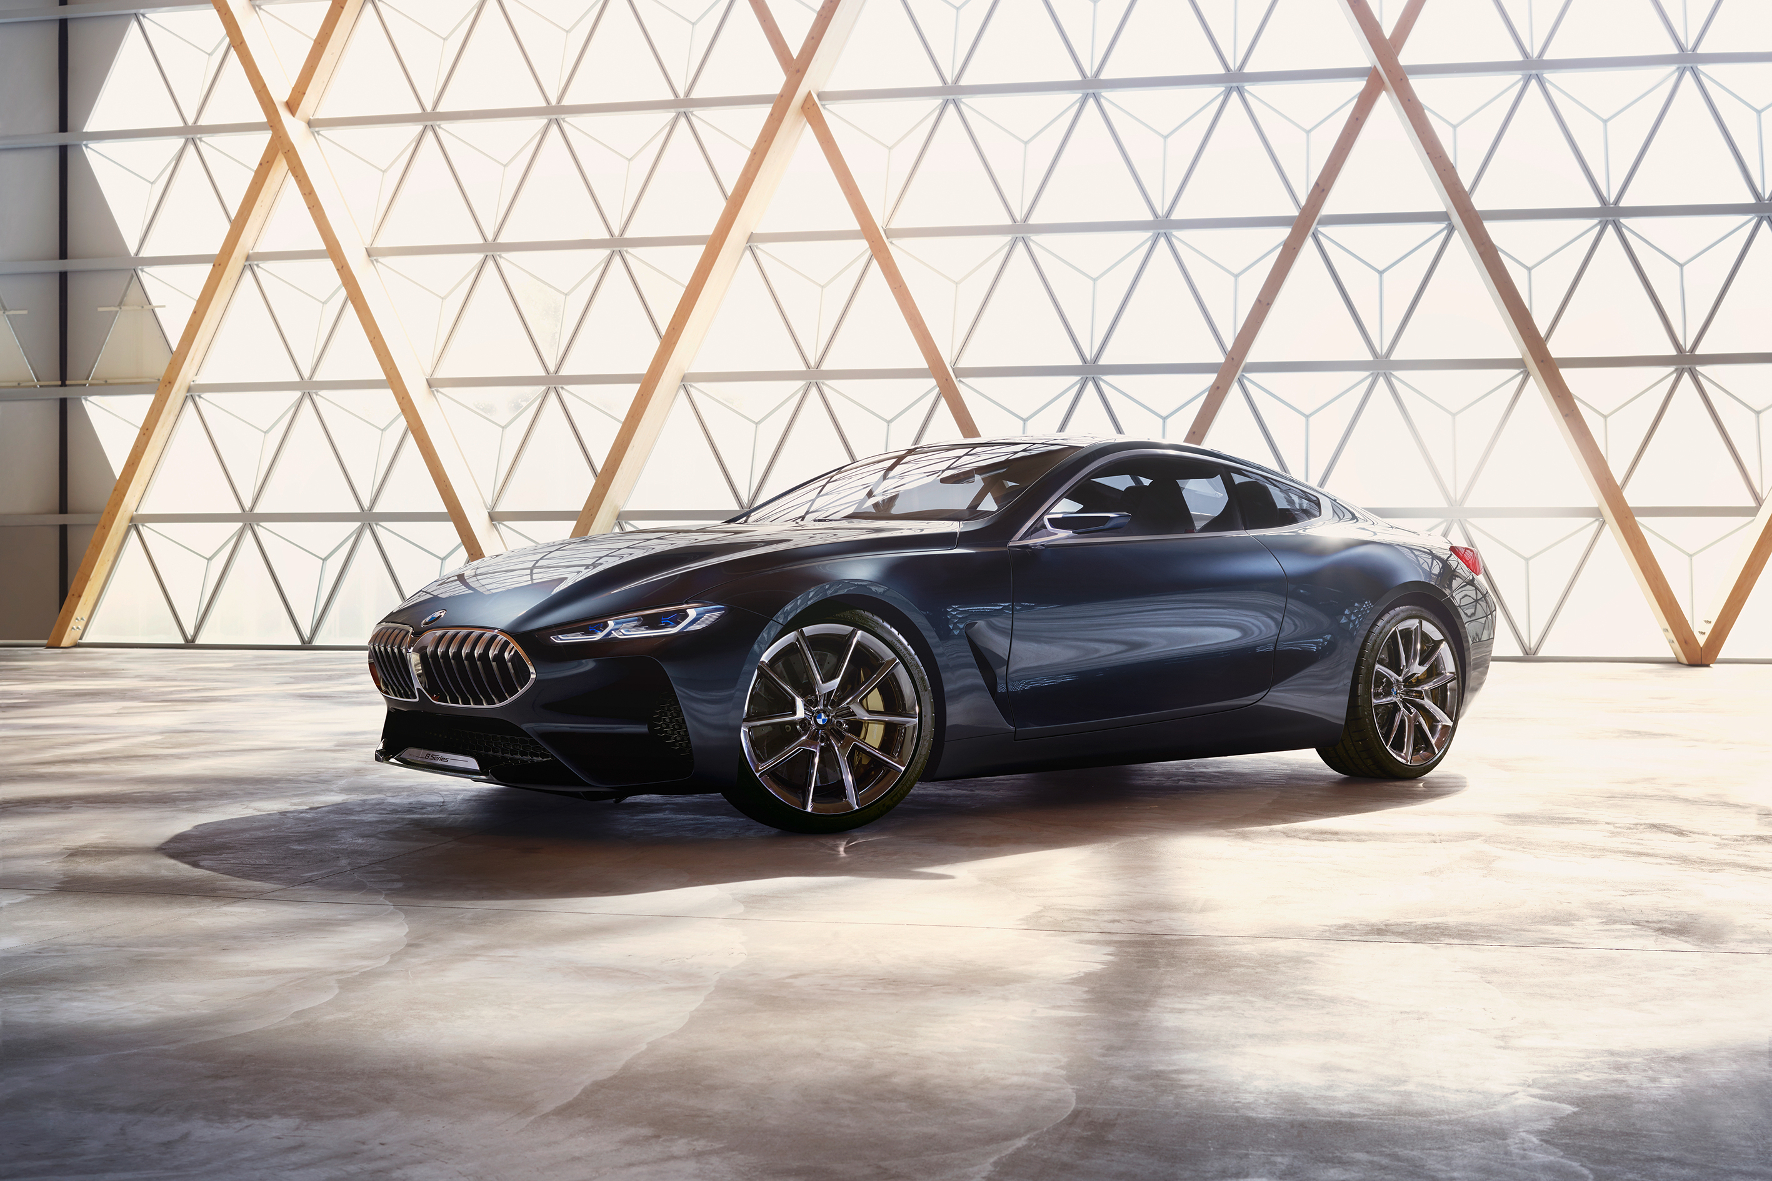 Neuer BMW 8er im Anflug? Das BMW Concept 8 Series